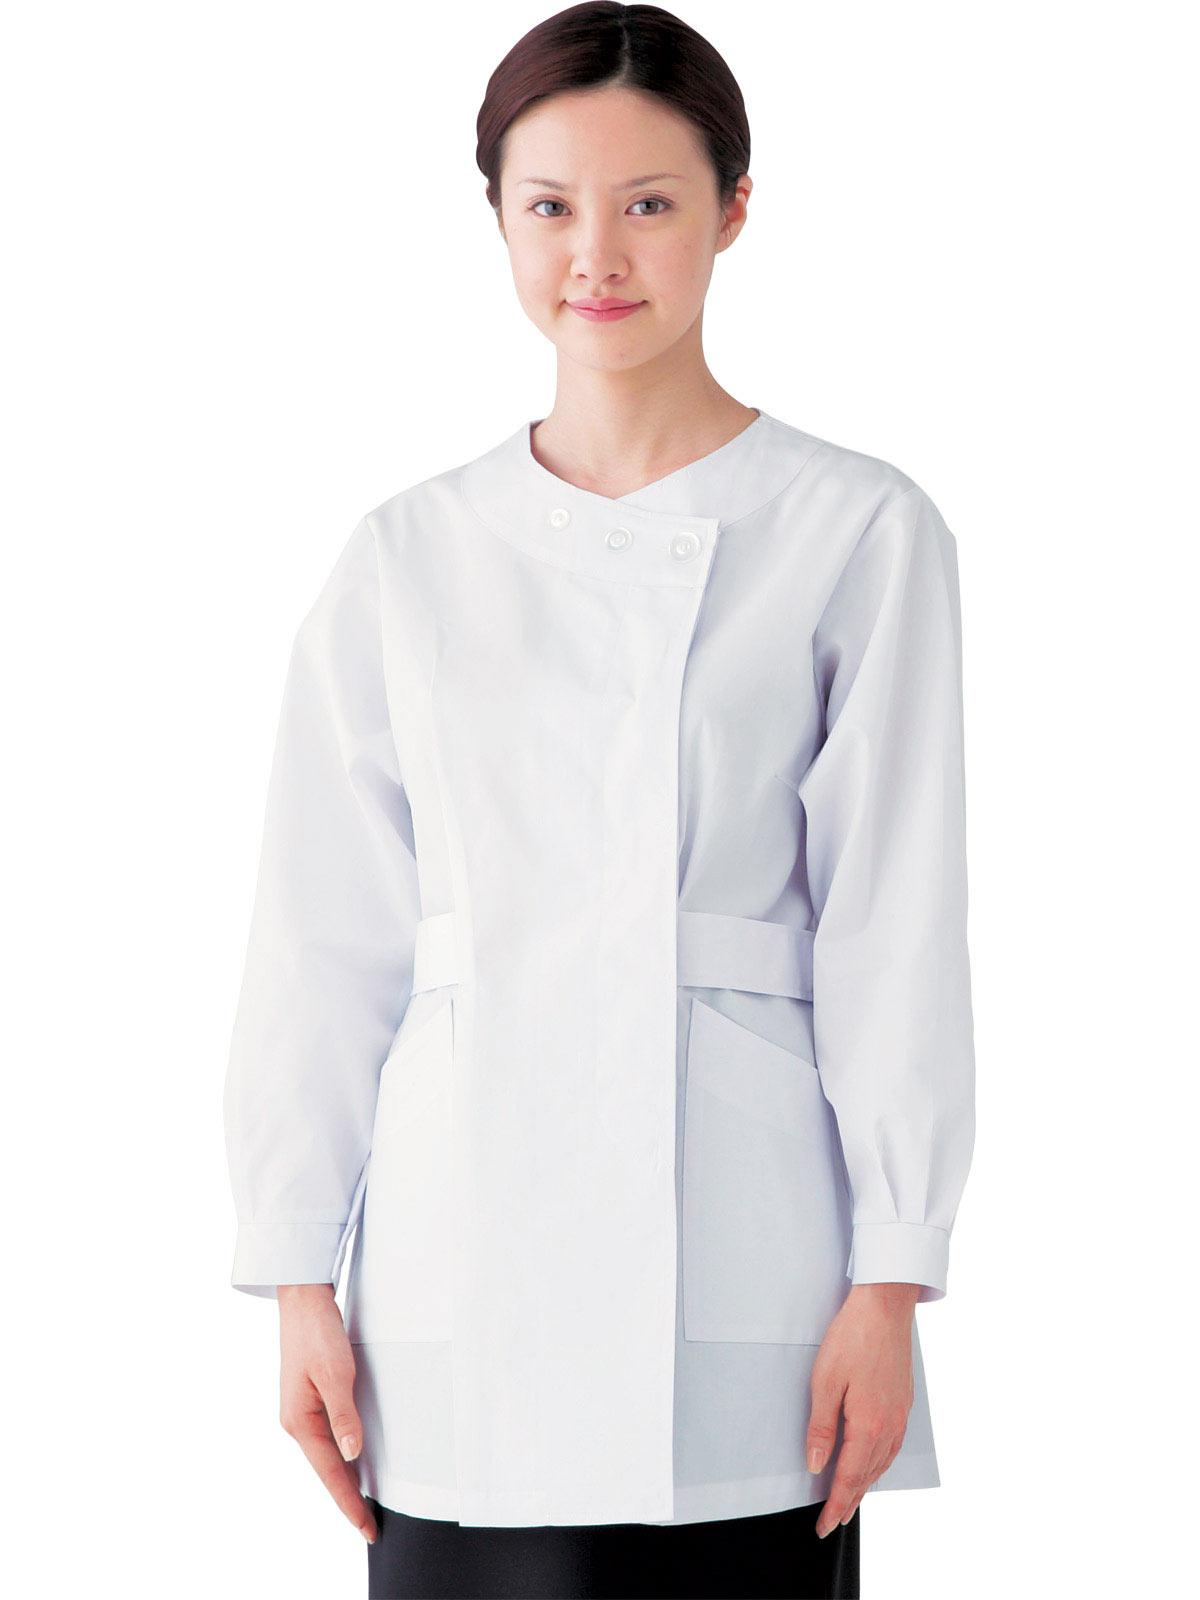 女子横掛長袖白衣 SKA730